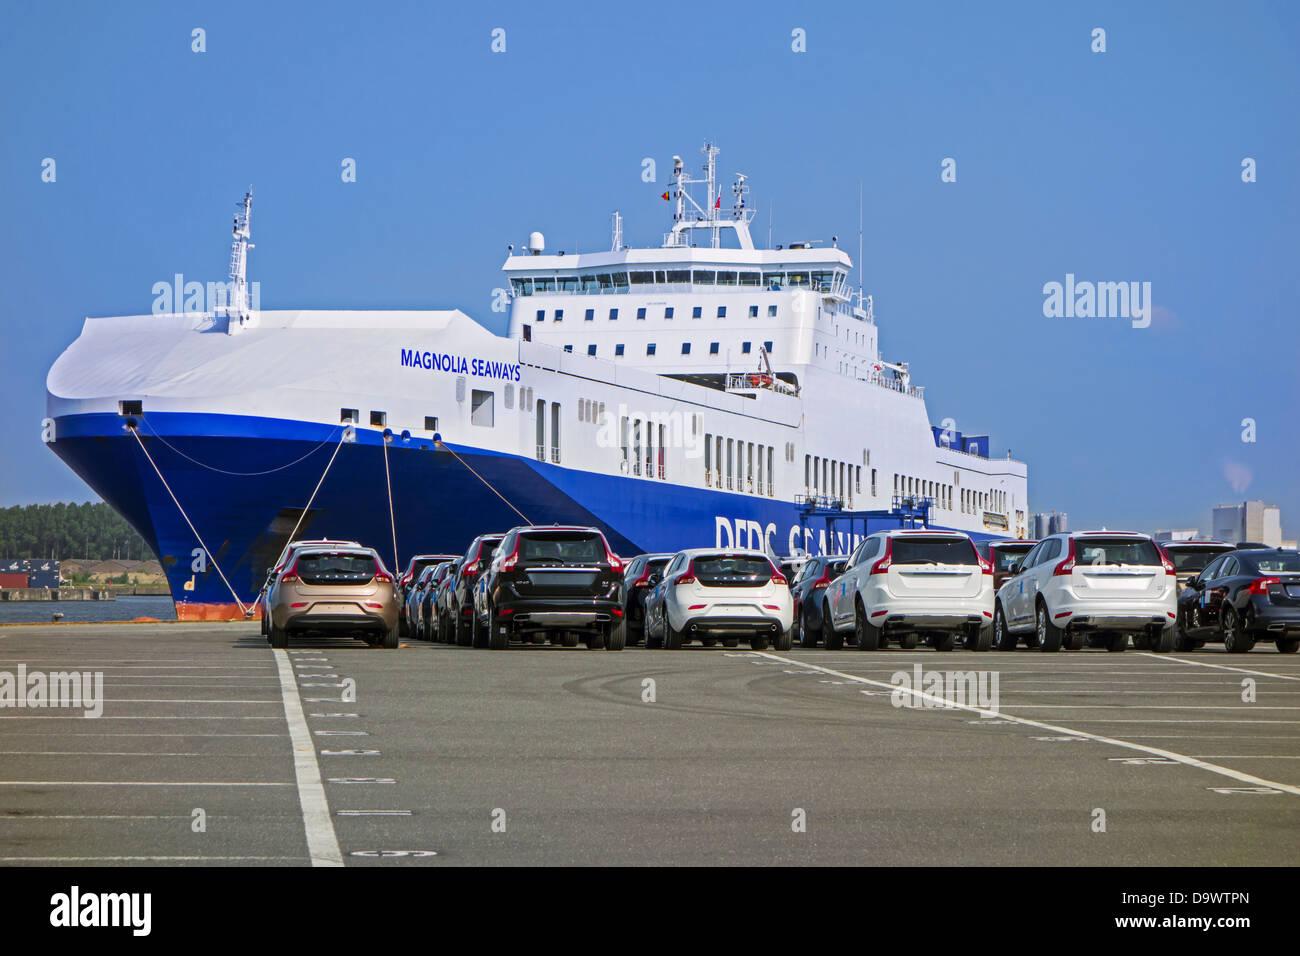 Car Carrier Ship Stock Photos & Car Carrier Ship Stock